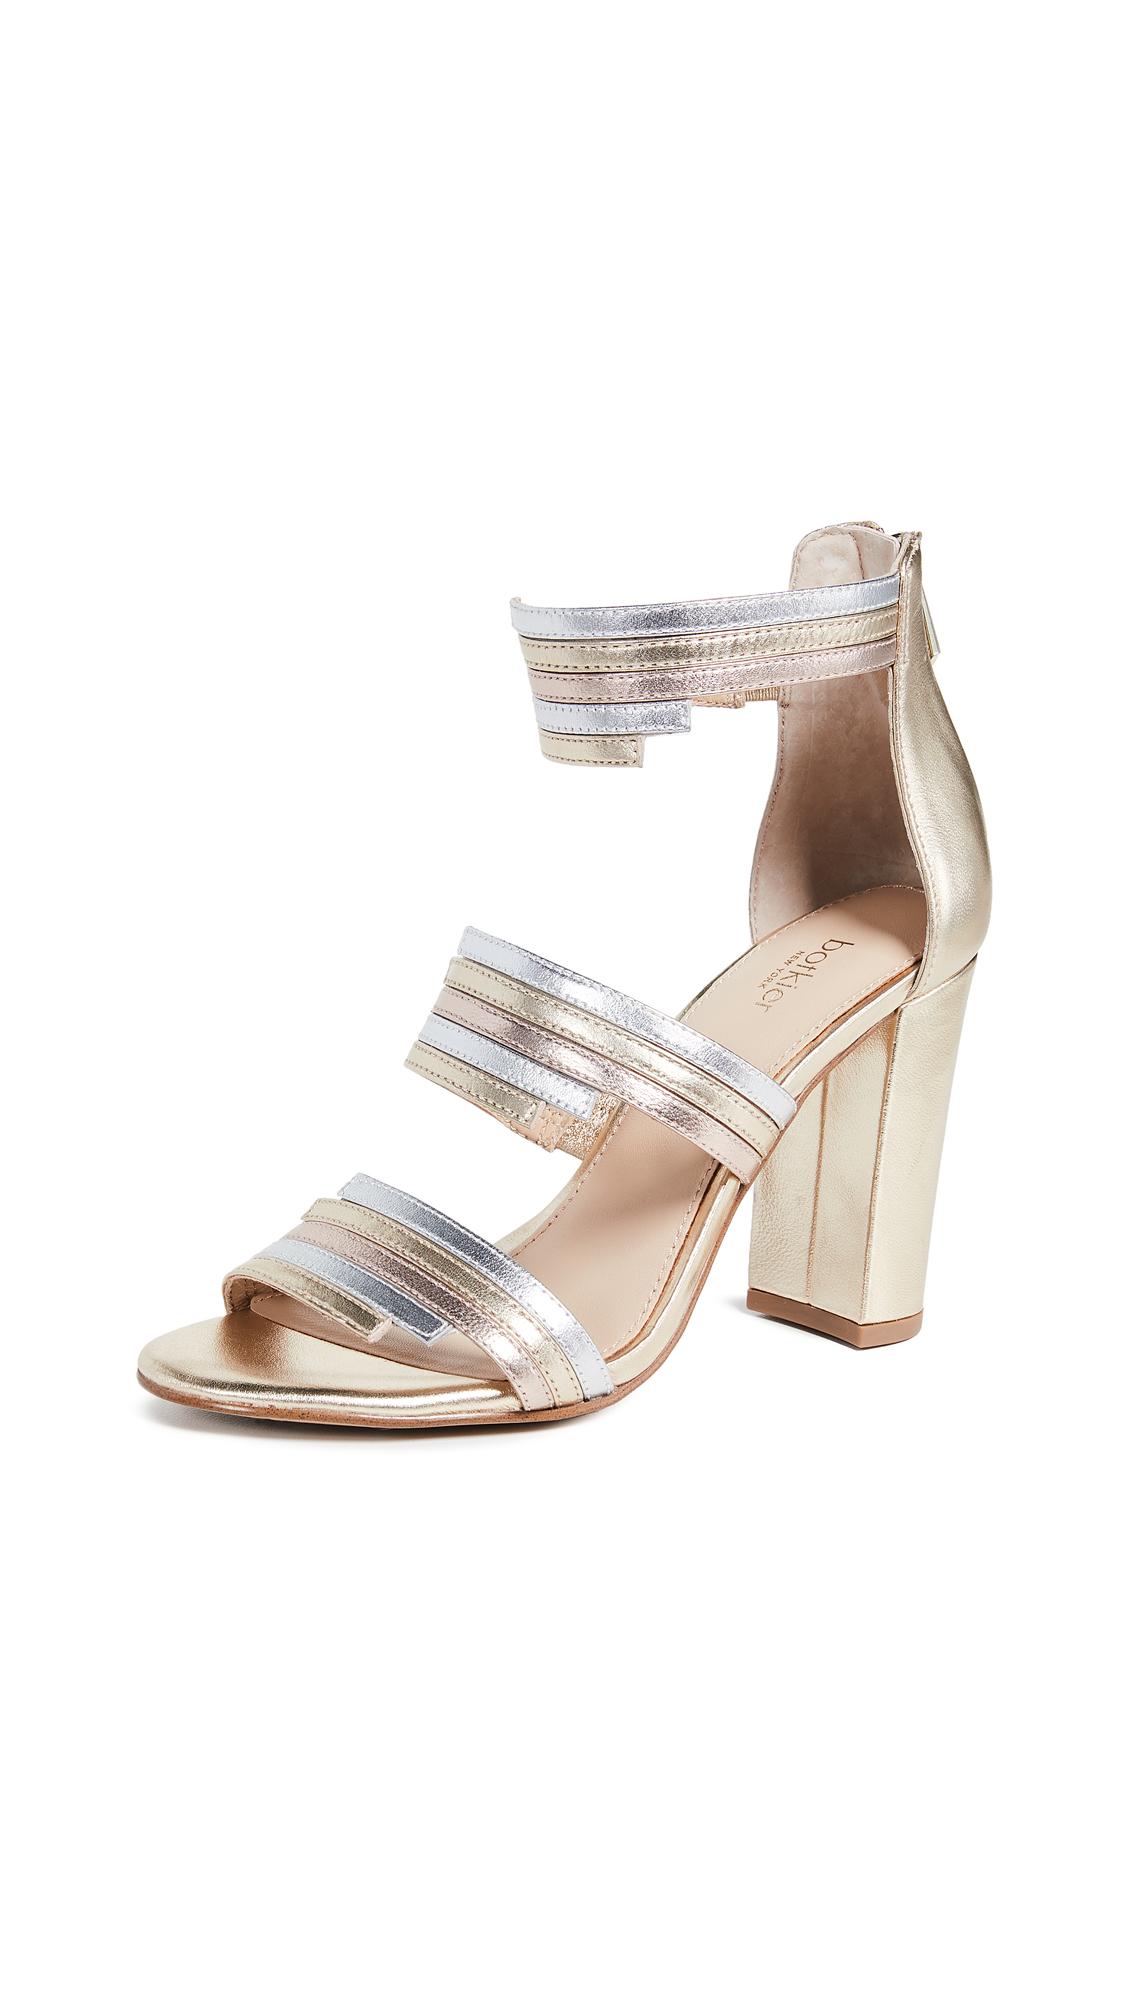 Botkier Grecia Sandals - Ivory Multi